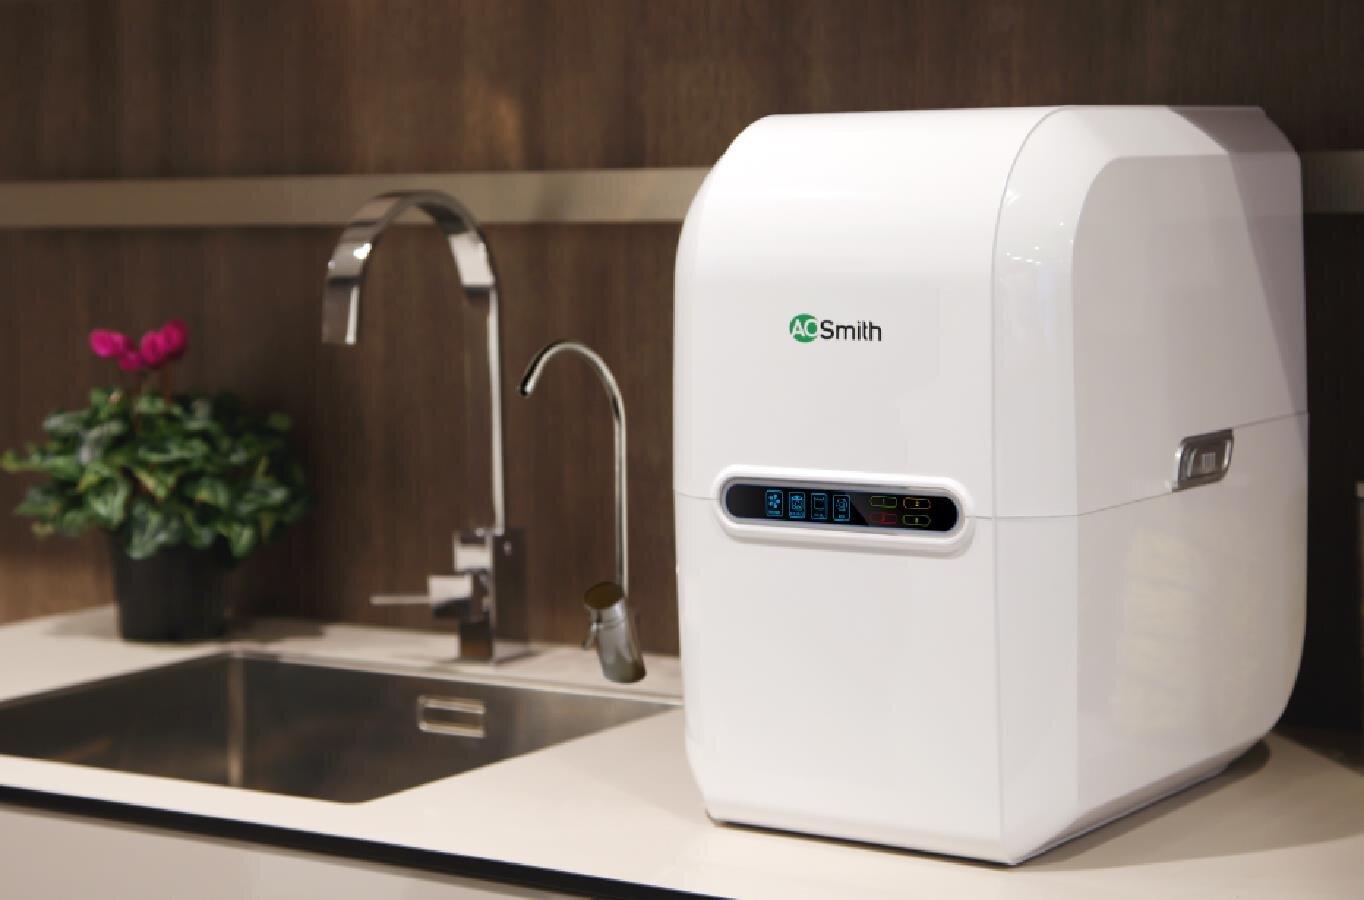 Các sản phẩm máy lọc nước A. O. Smith rất được ưa chuộng trên thị trường